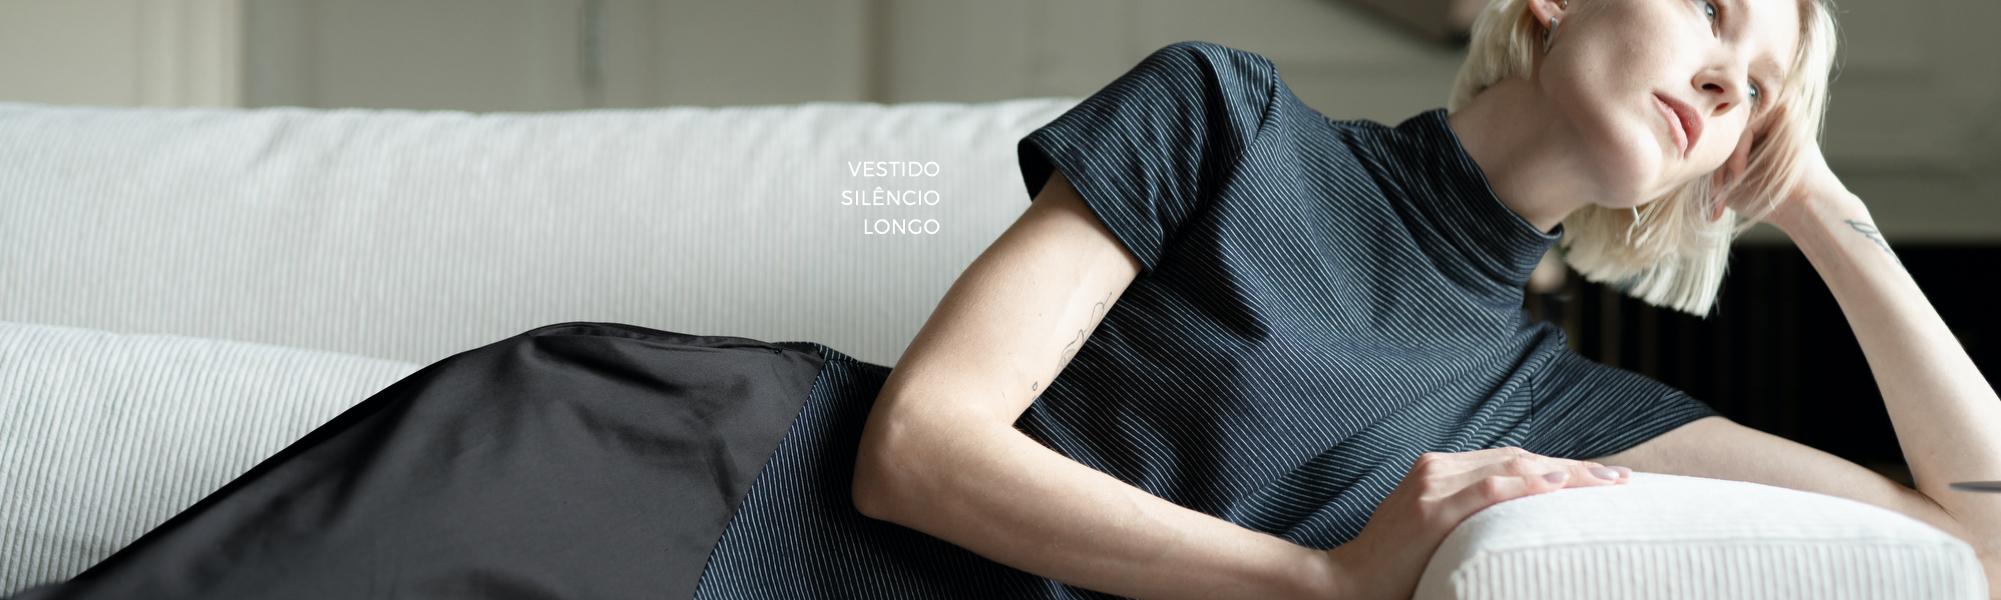 Silencio Longo